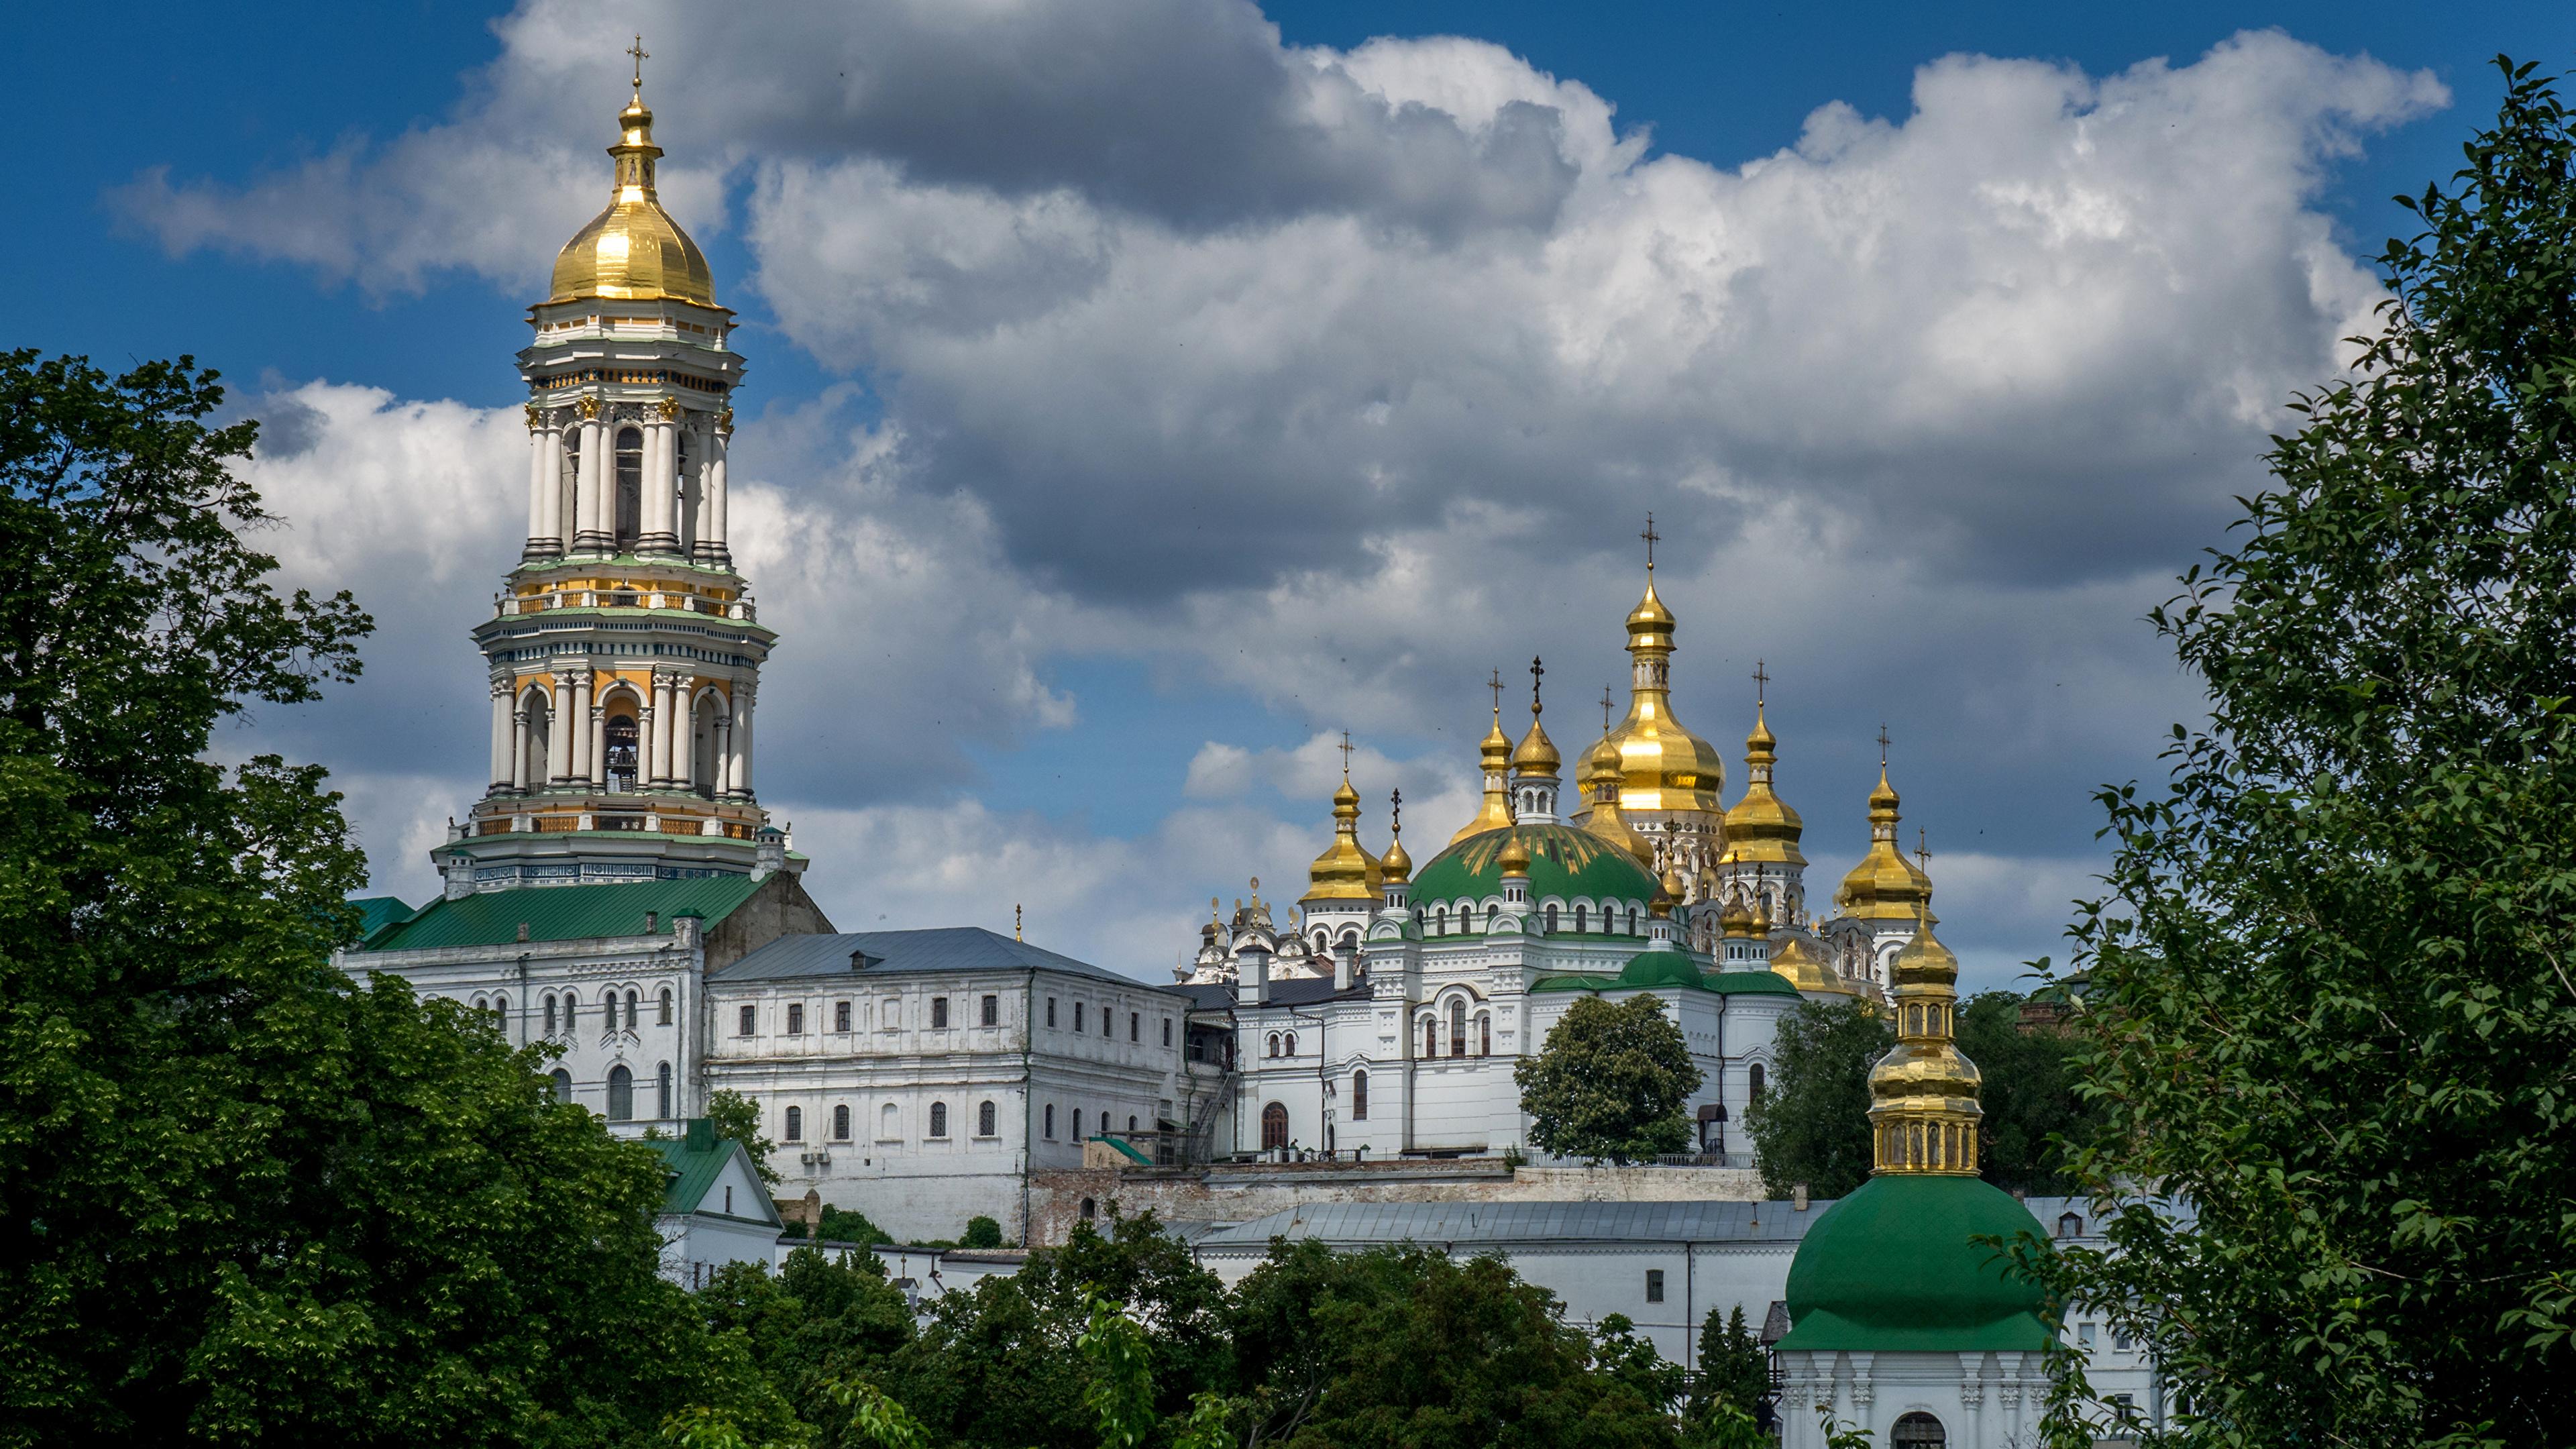 Дню Киева посвящается. Златоглавый красавец Киев